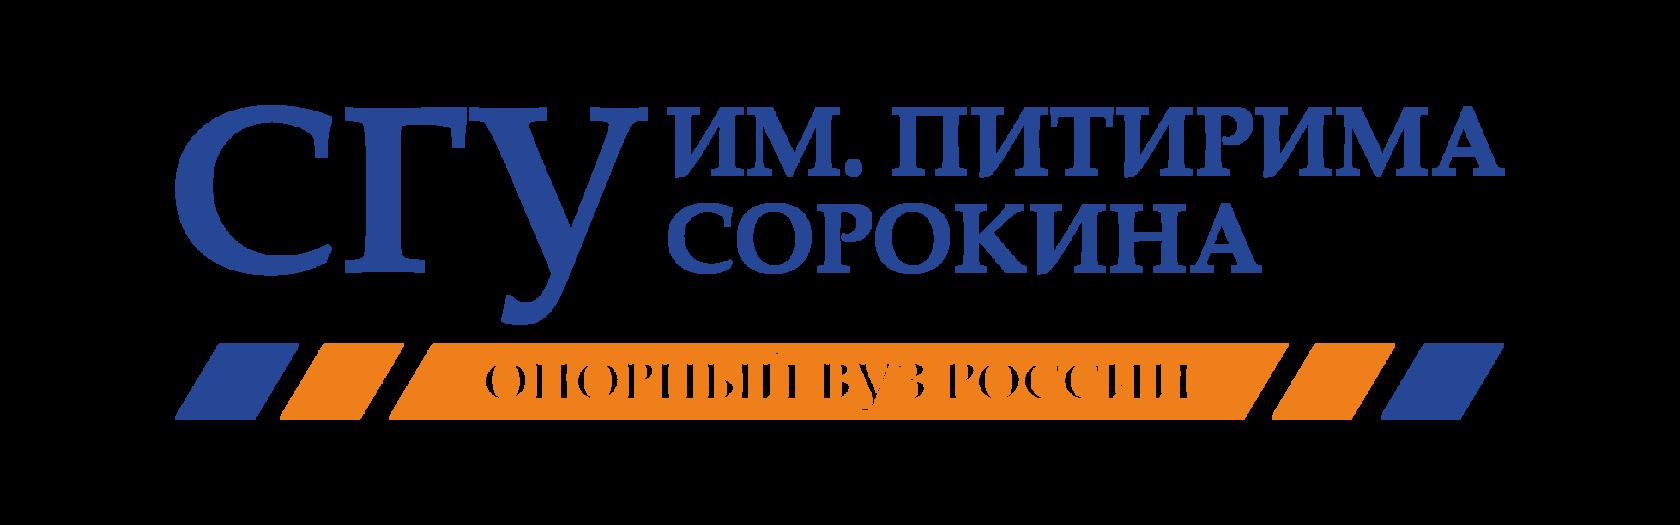 СГУ им. Питирима Сорокина